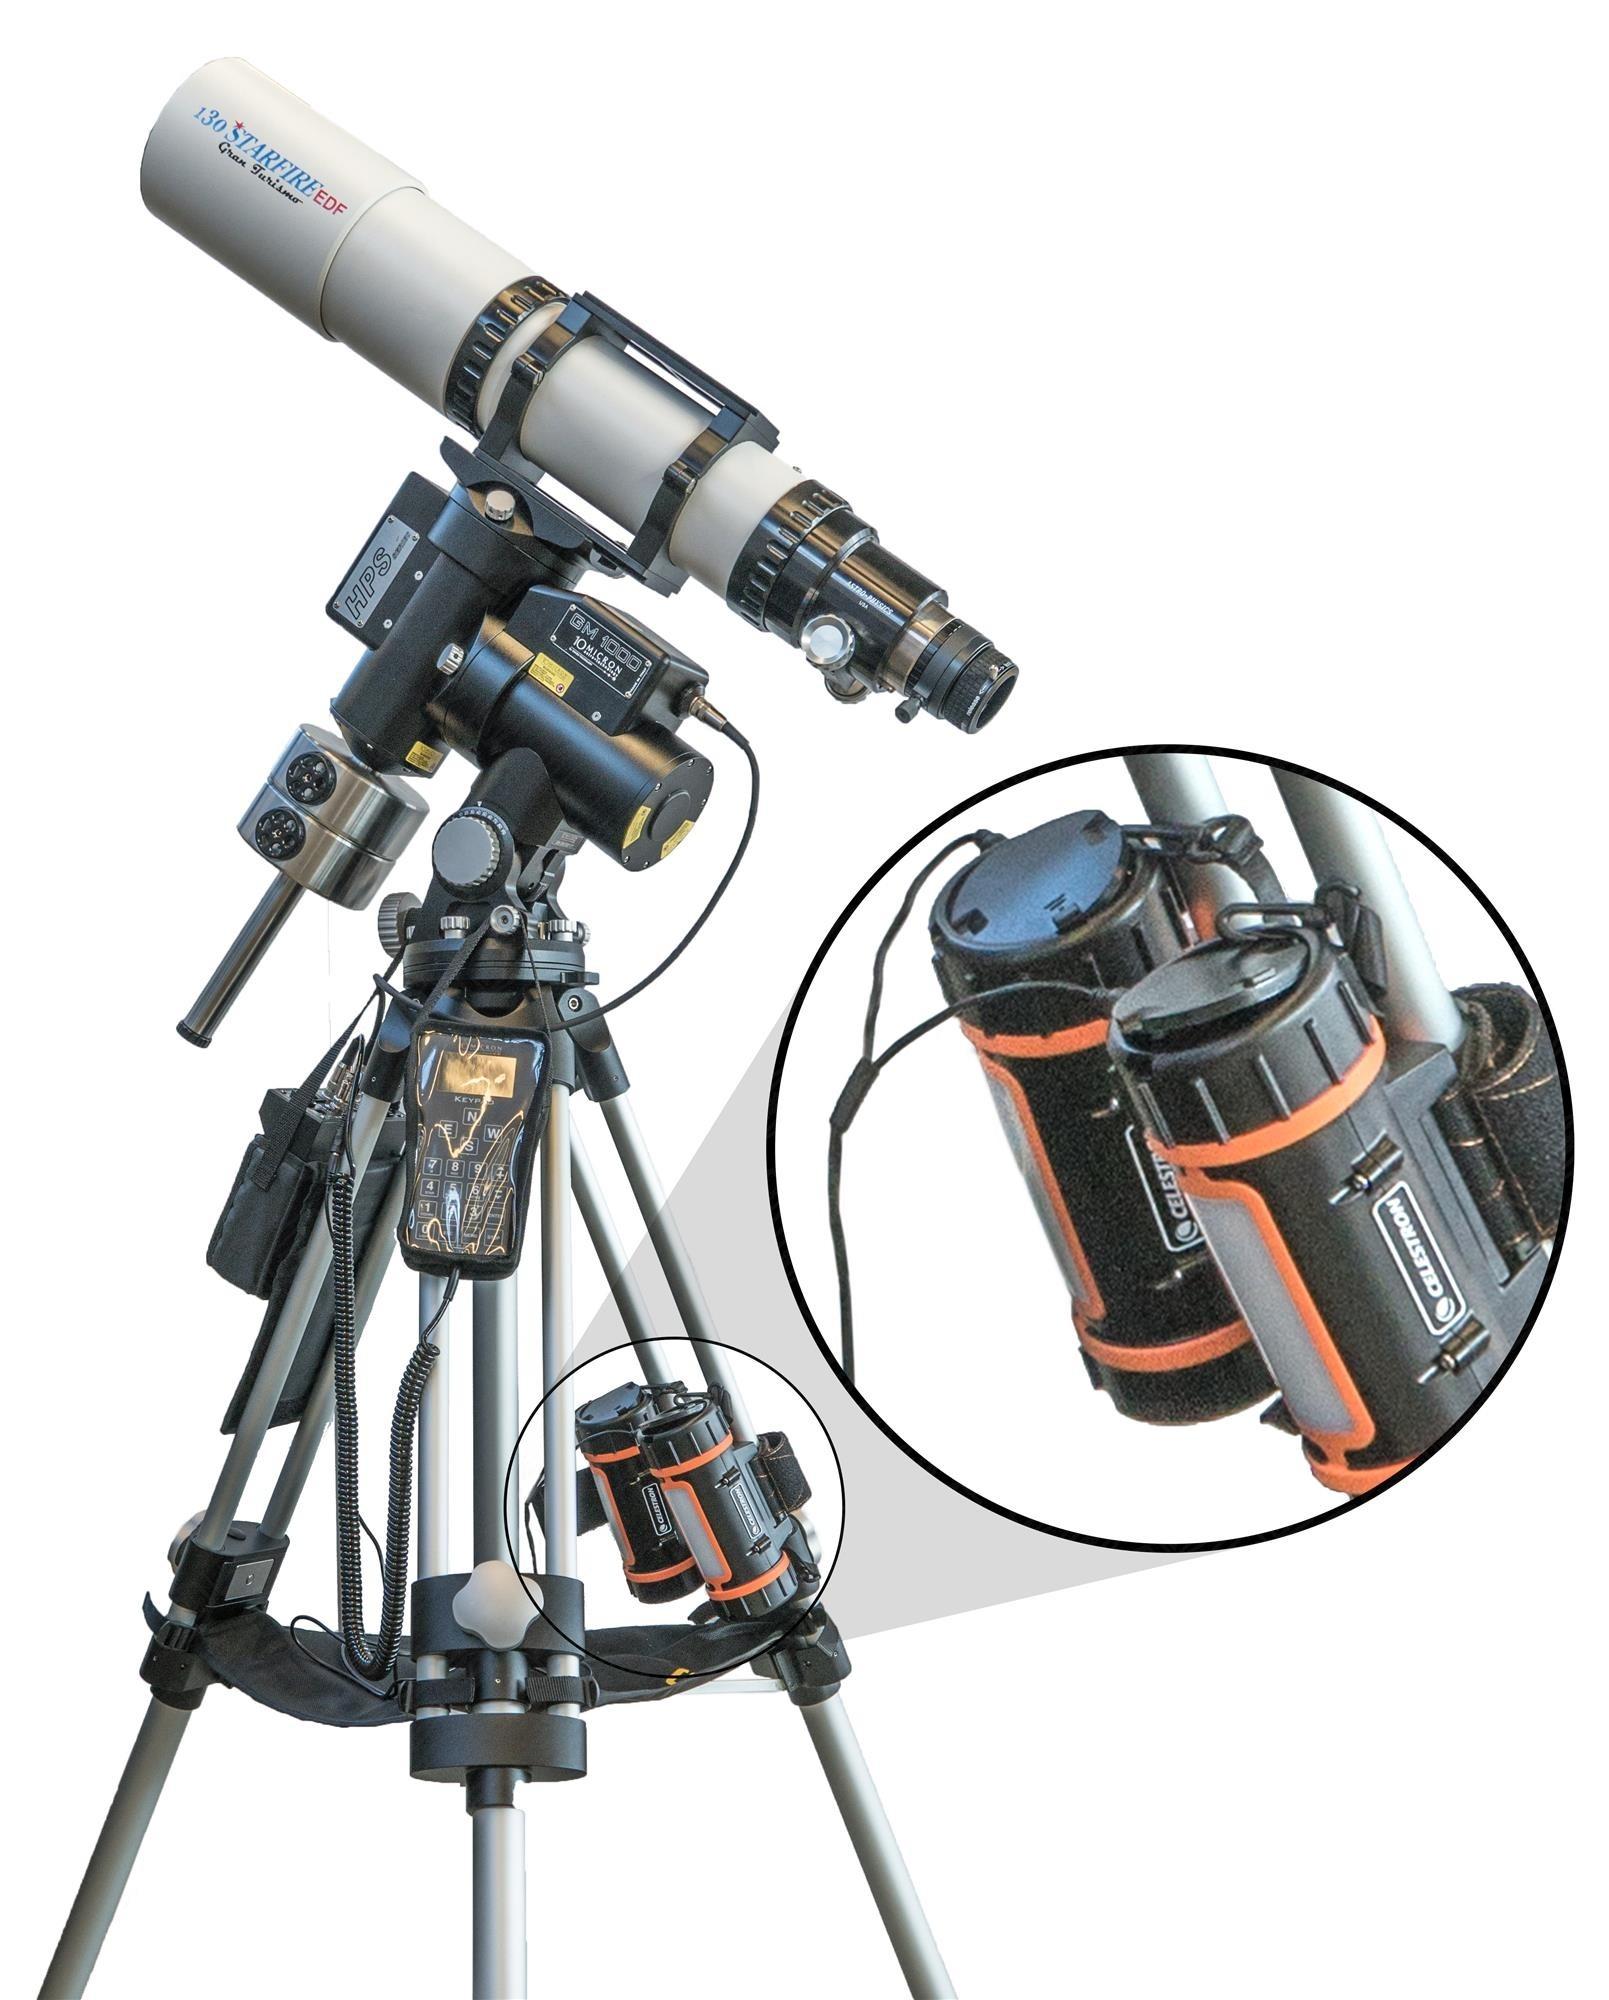 Anwendungsbeispiel: zwei Celestron Power Tanks LiFePO4 mit Baader Dual-Mode-Set (Power Tank, Teleskop und Montierung) nicht in Lieferumfang enthalten)